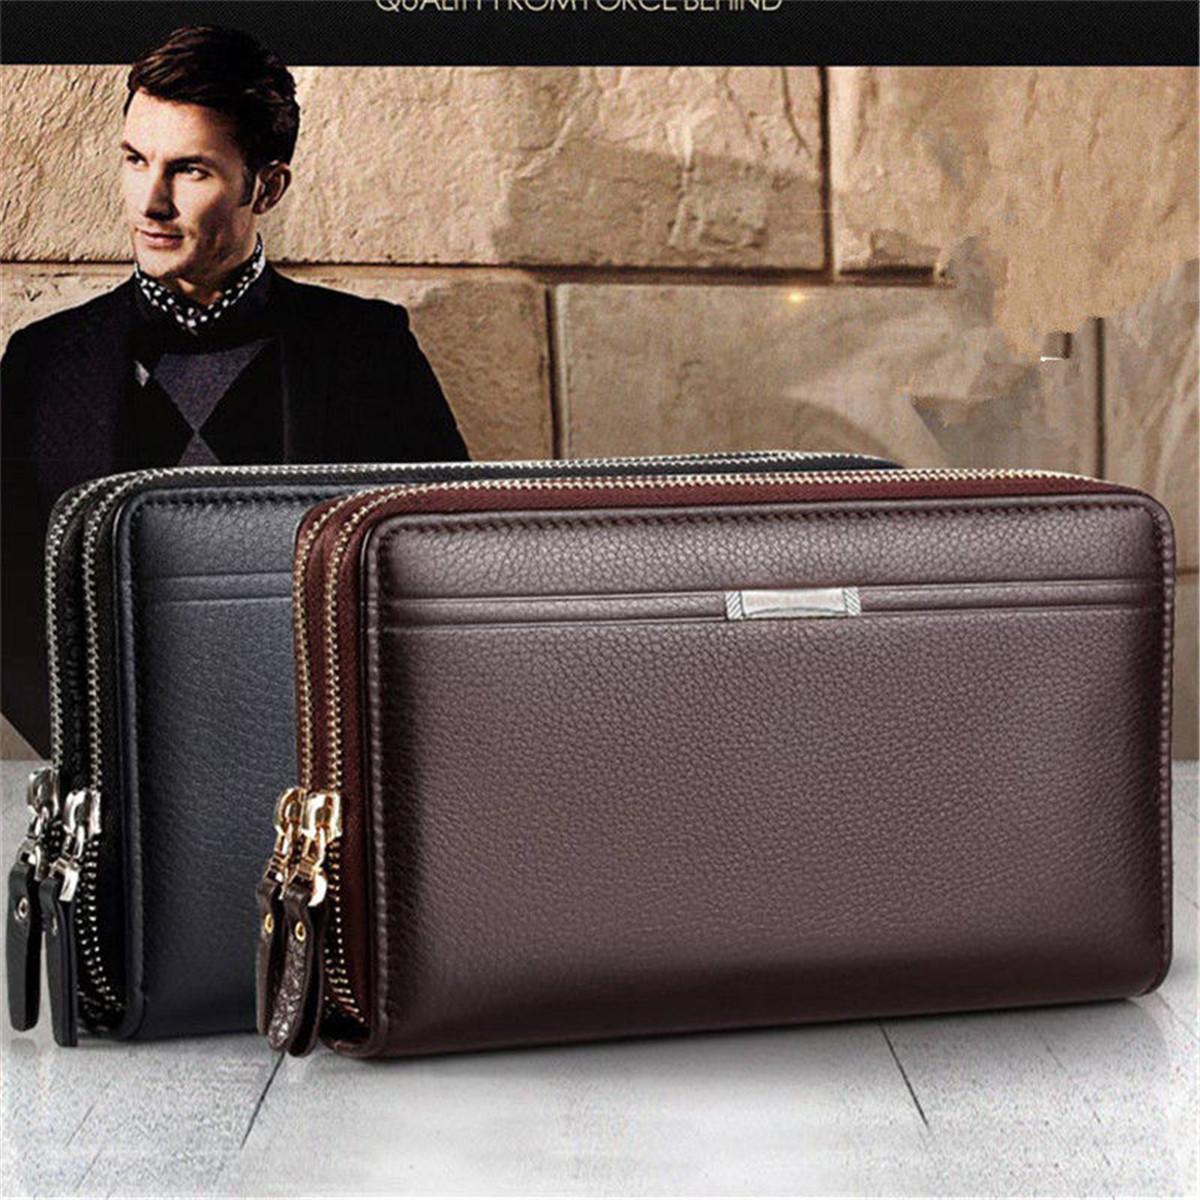 Мужские клатчи Сумка Handbag Wallet Кошелек Карточка мобильного телефона